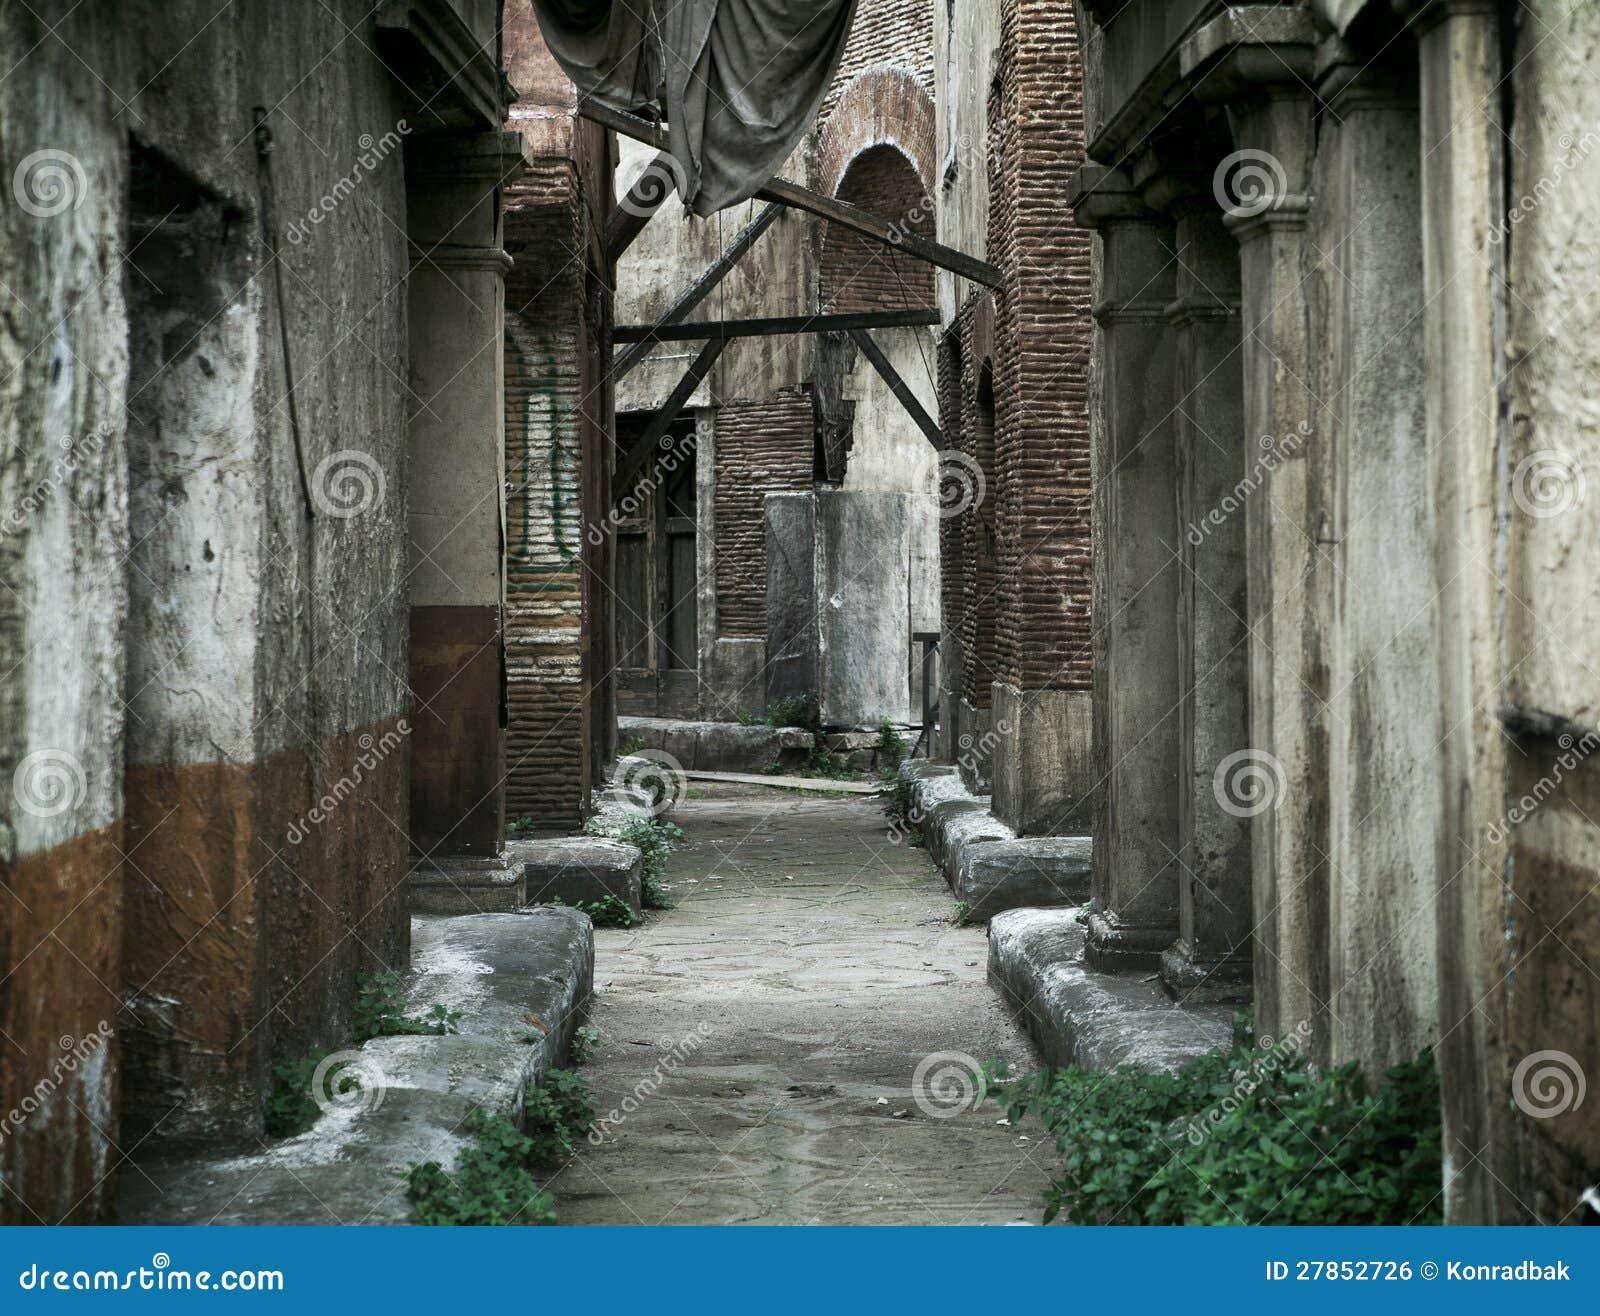 Vecchie case abbandonate a roma antica immagine stock for Seminterrato di case abbandonate